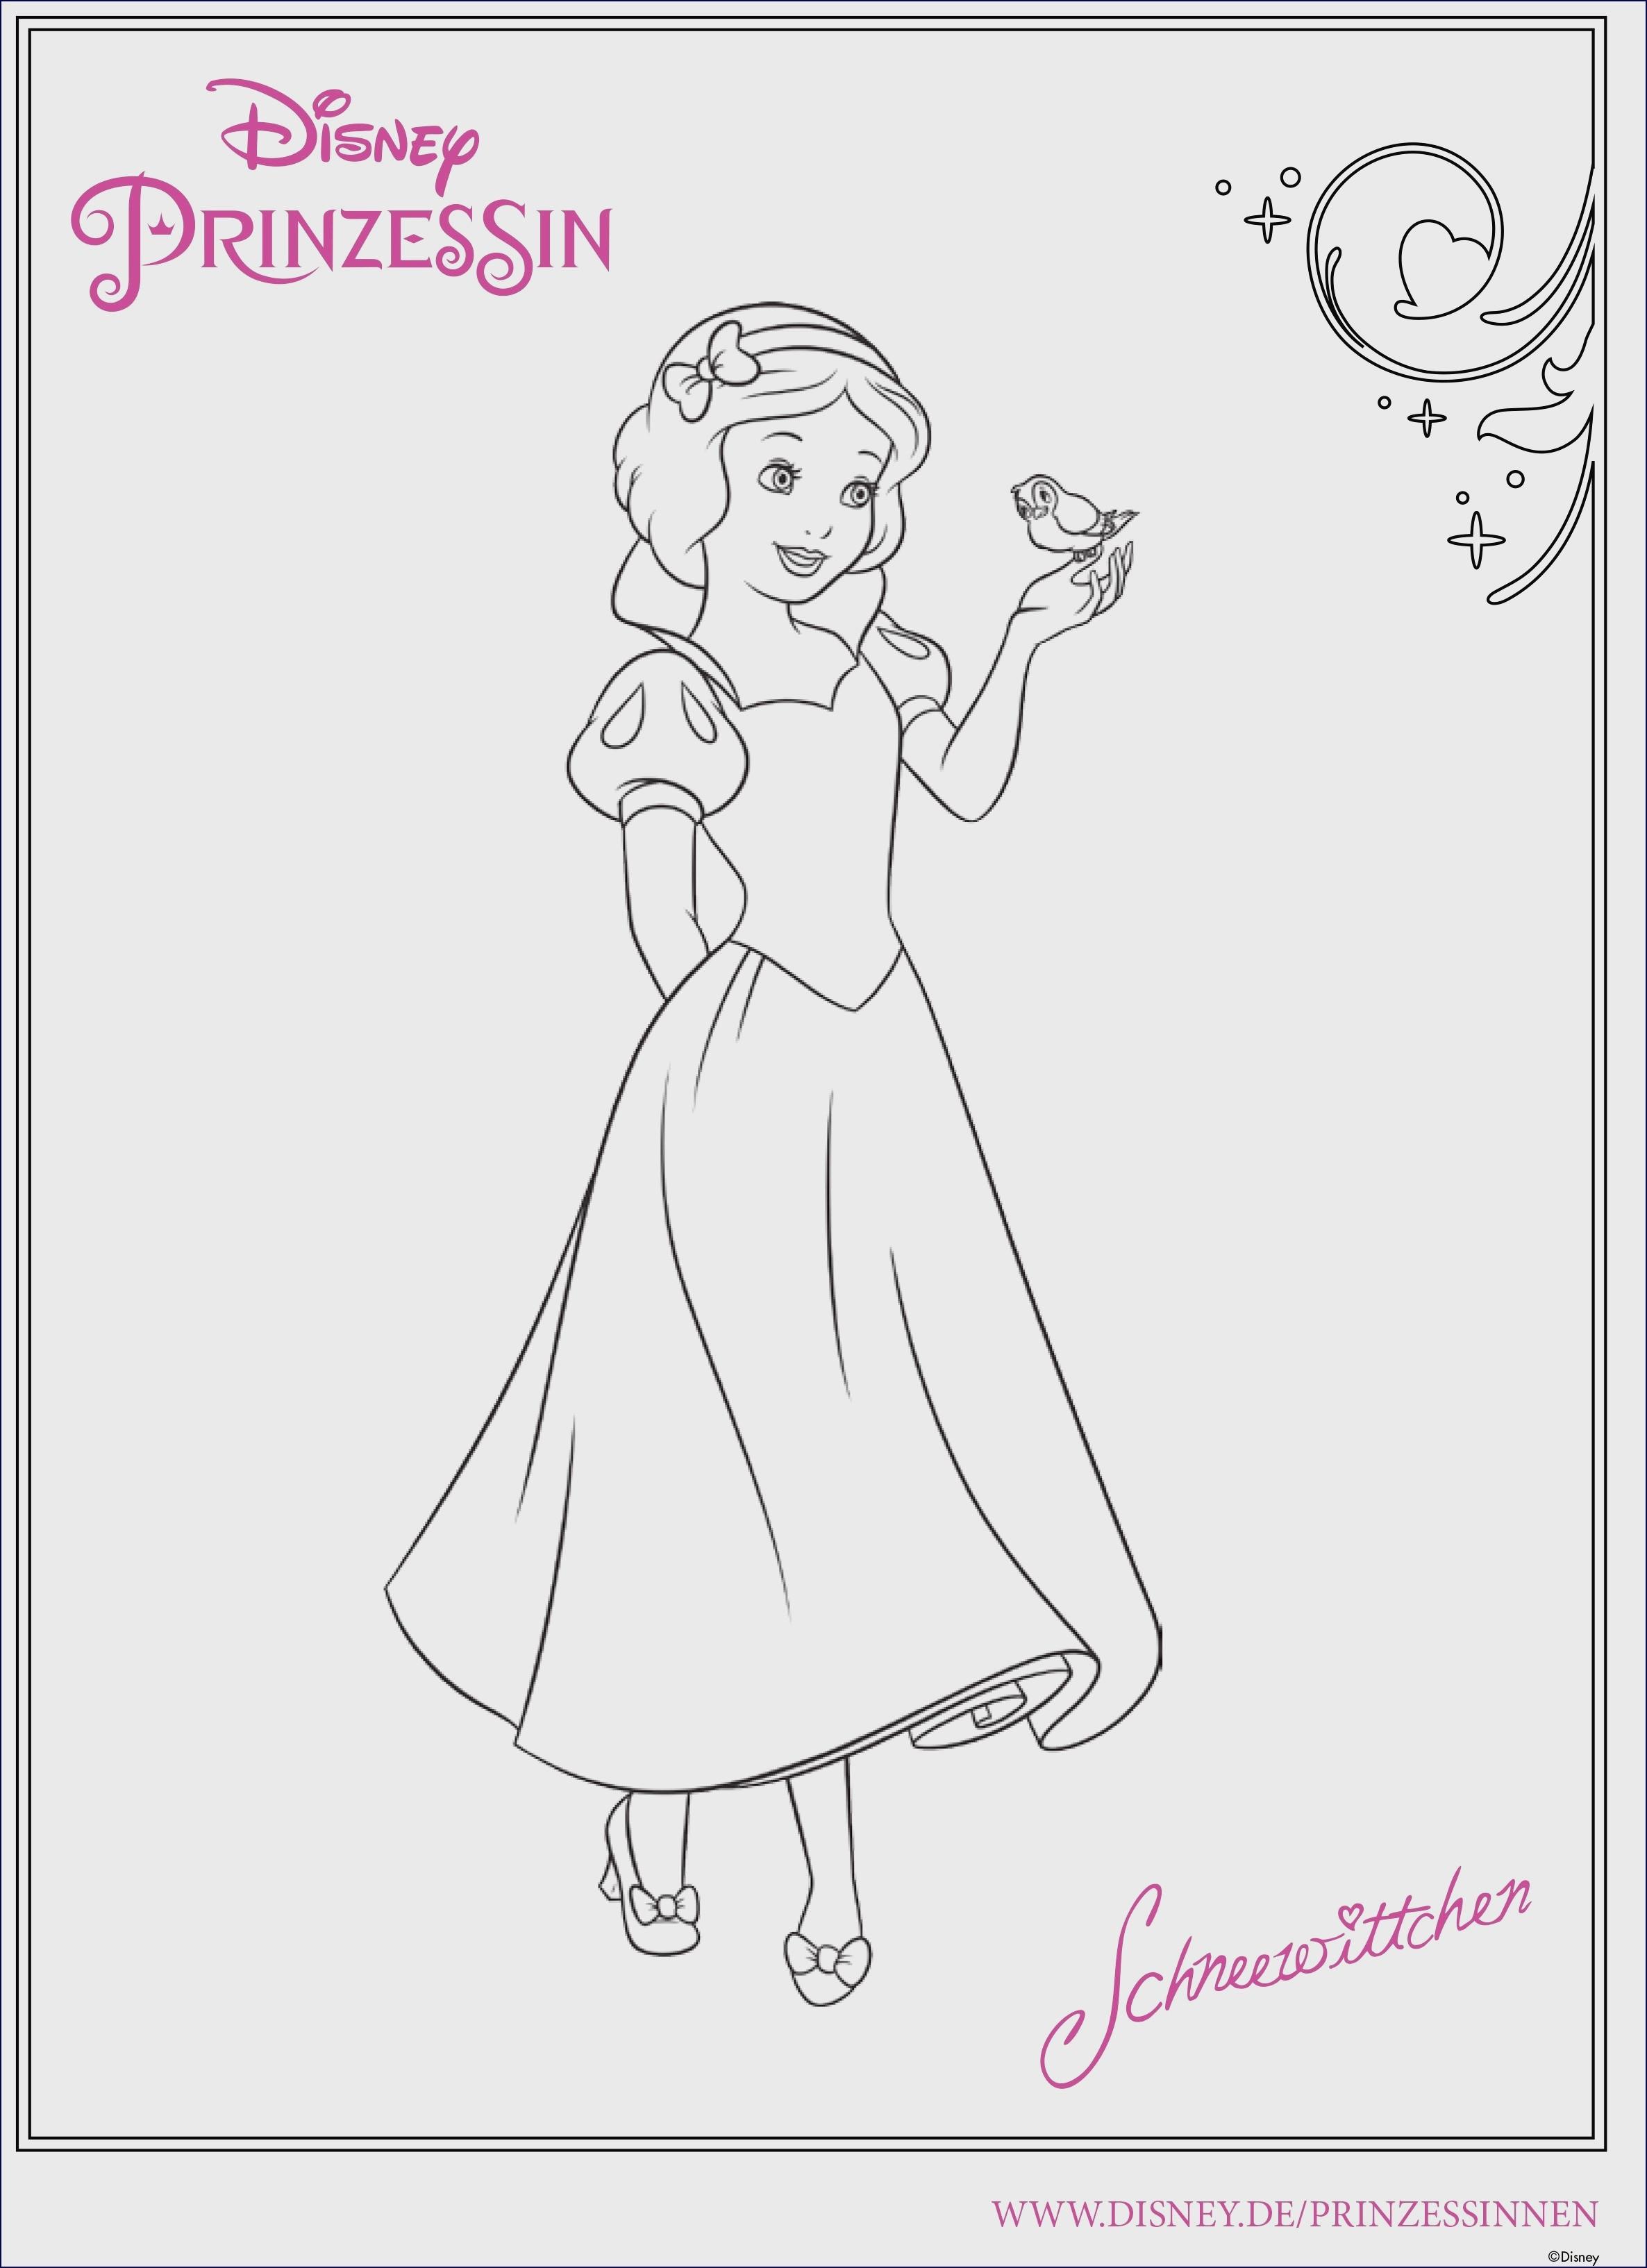 Ausmalbilder Disney Prinzessin Jasmin Frisch Ausmalbilder Prinzessin Kostenlos Schön Bayern Ausmalbilder Schön Fotos